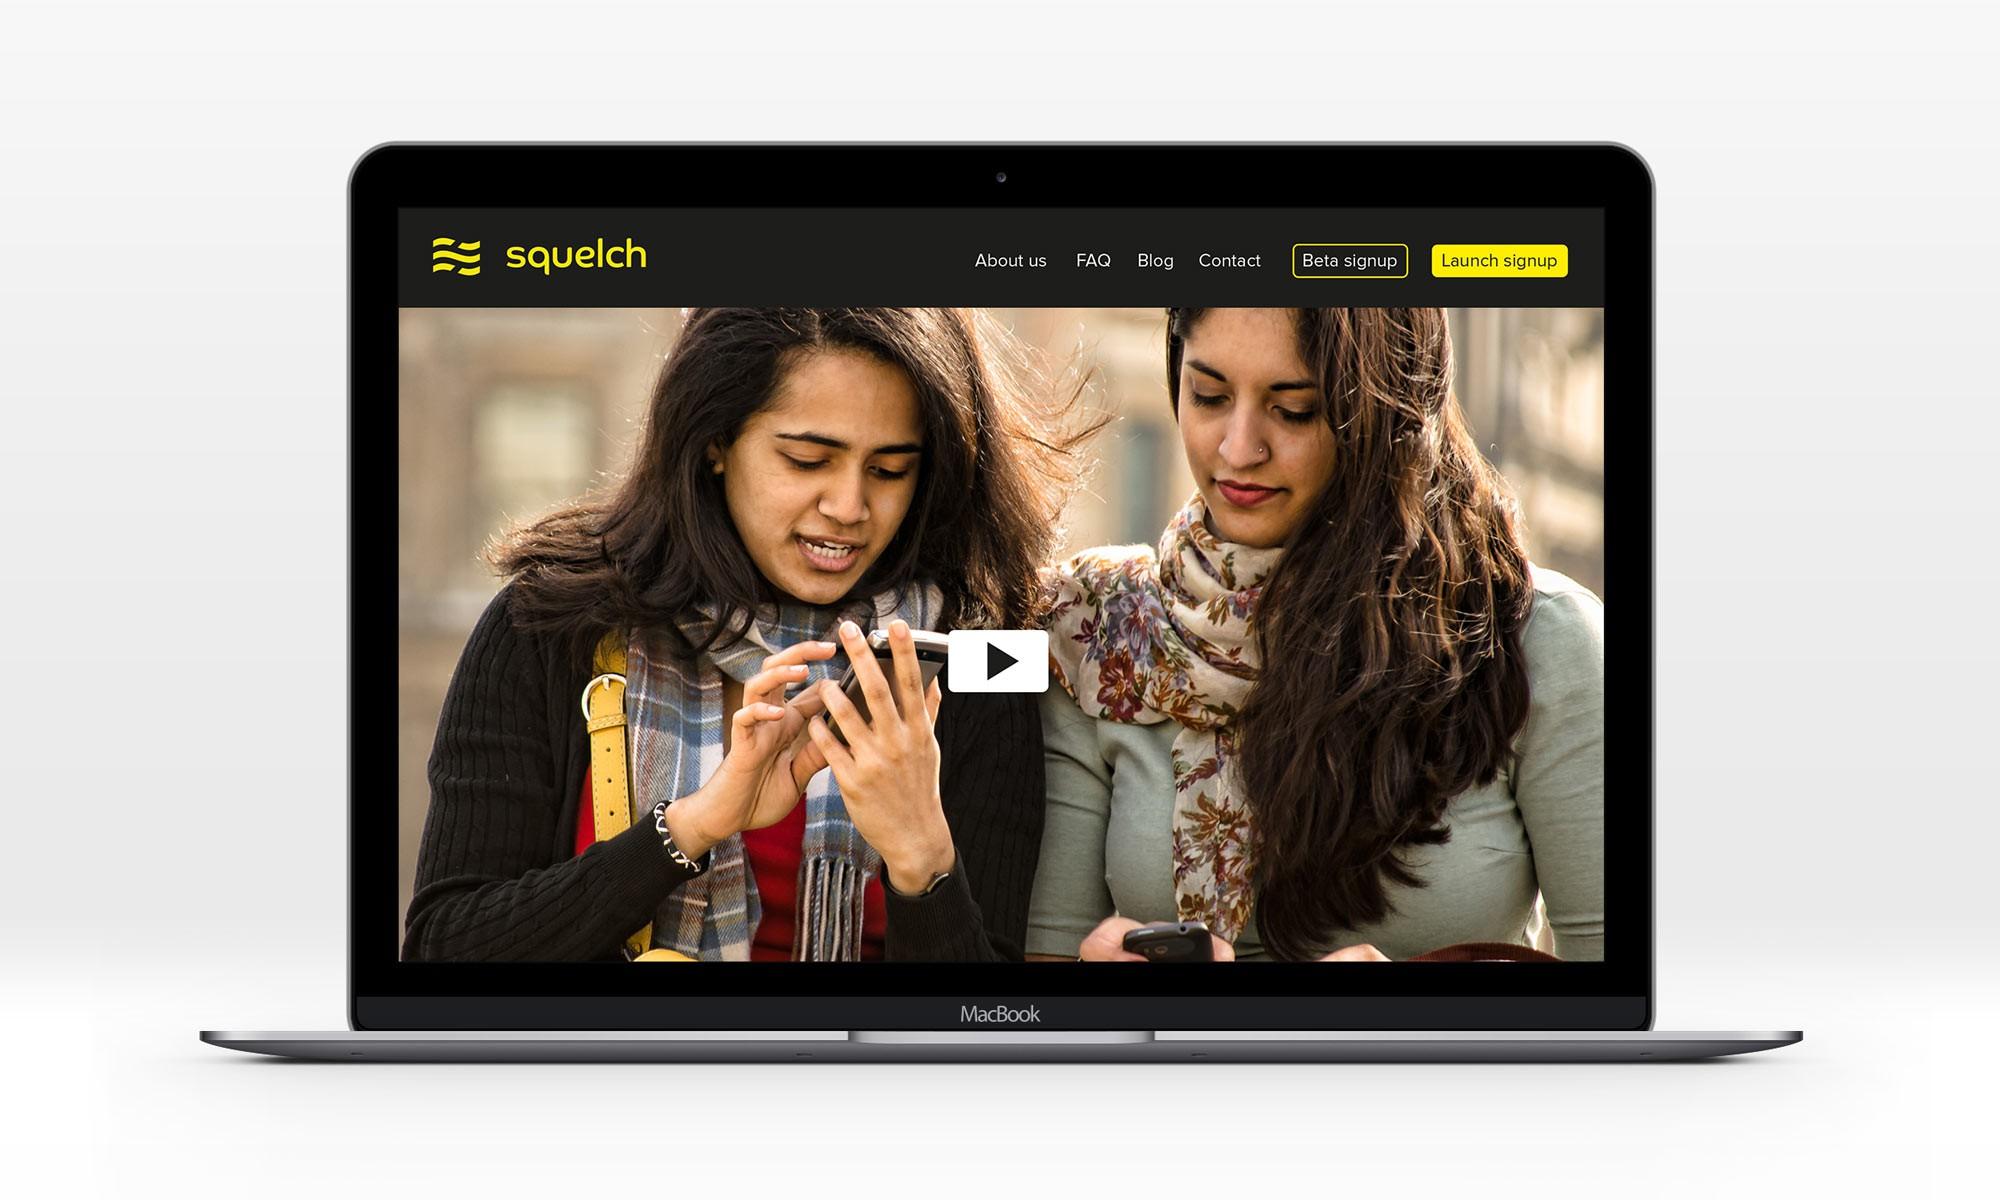 Squelch website